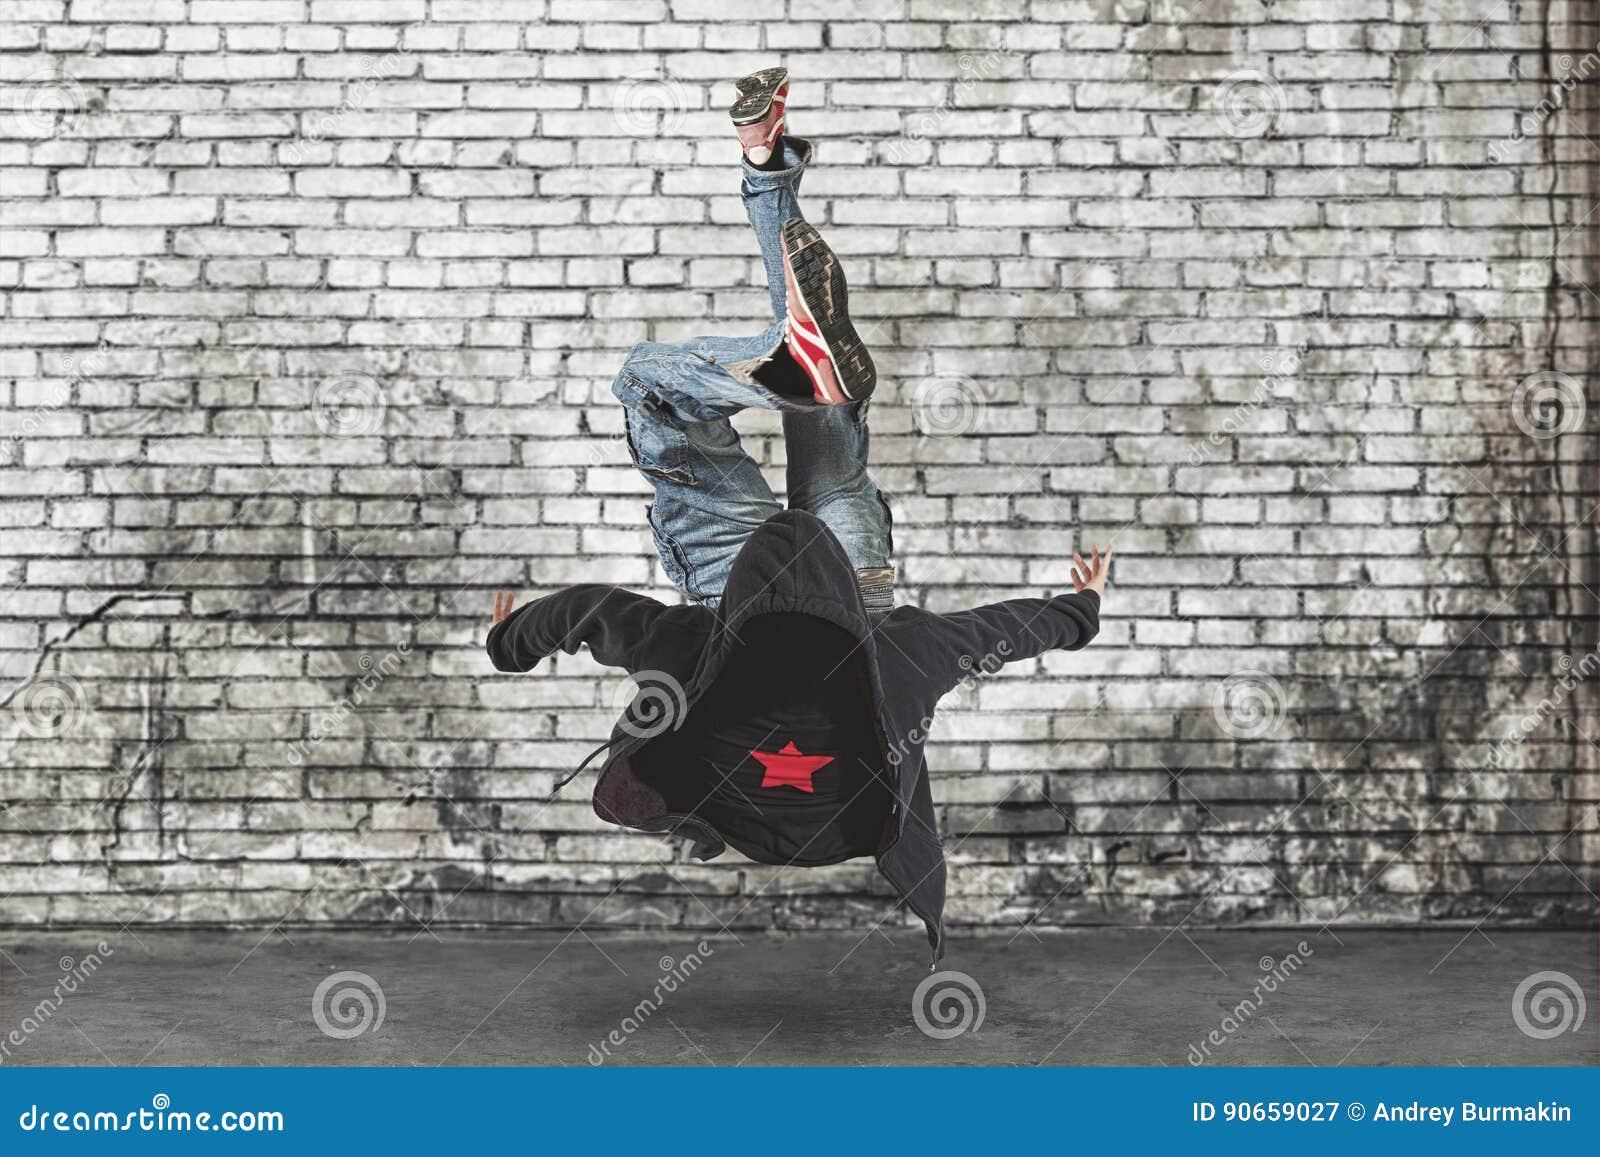 MannBreakdance auf Wandhintergrund